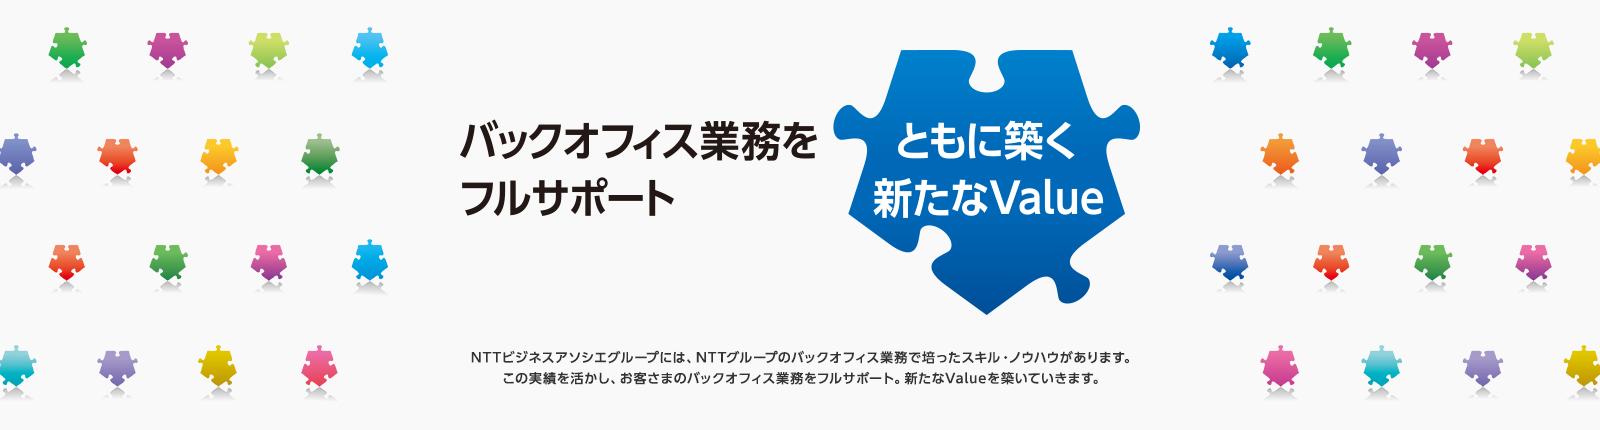 バックオフィス業務をフルサポート ともに築く新たなValue NTTビジネスアソシエグループには、NTTグループのバックオフィス業務で培ったスキル・ノウハウがあります。この実績を活かし、お客さまのバックオフィス業務をフルサポート。新たなValueを築いていきます。